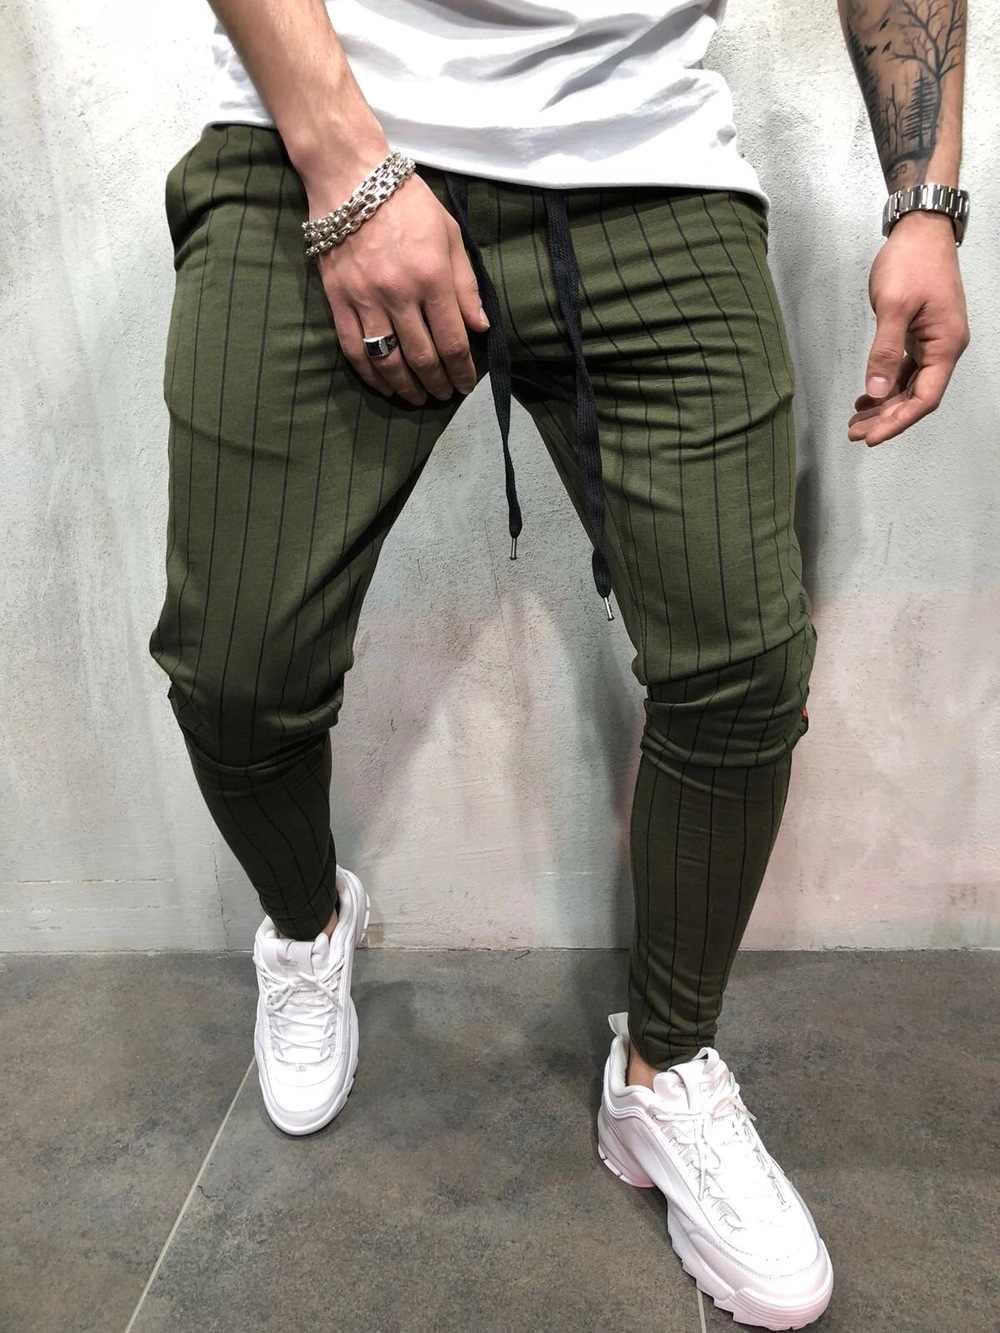 Yeni Marka baskı Erkekler Spor Sweatpants erkek Vücut Geliştirme egzersiz pamuklu pantolon Rahat Joggers spor kalem pantolon Erkekler